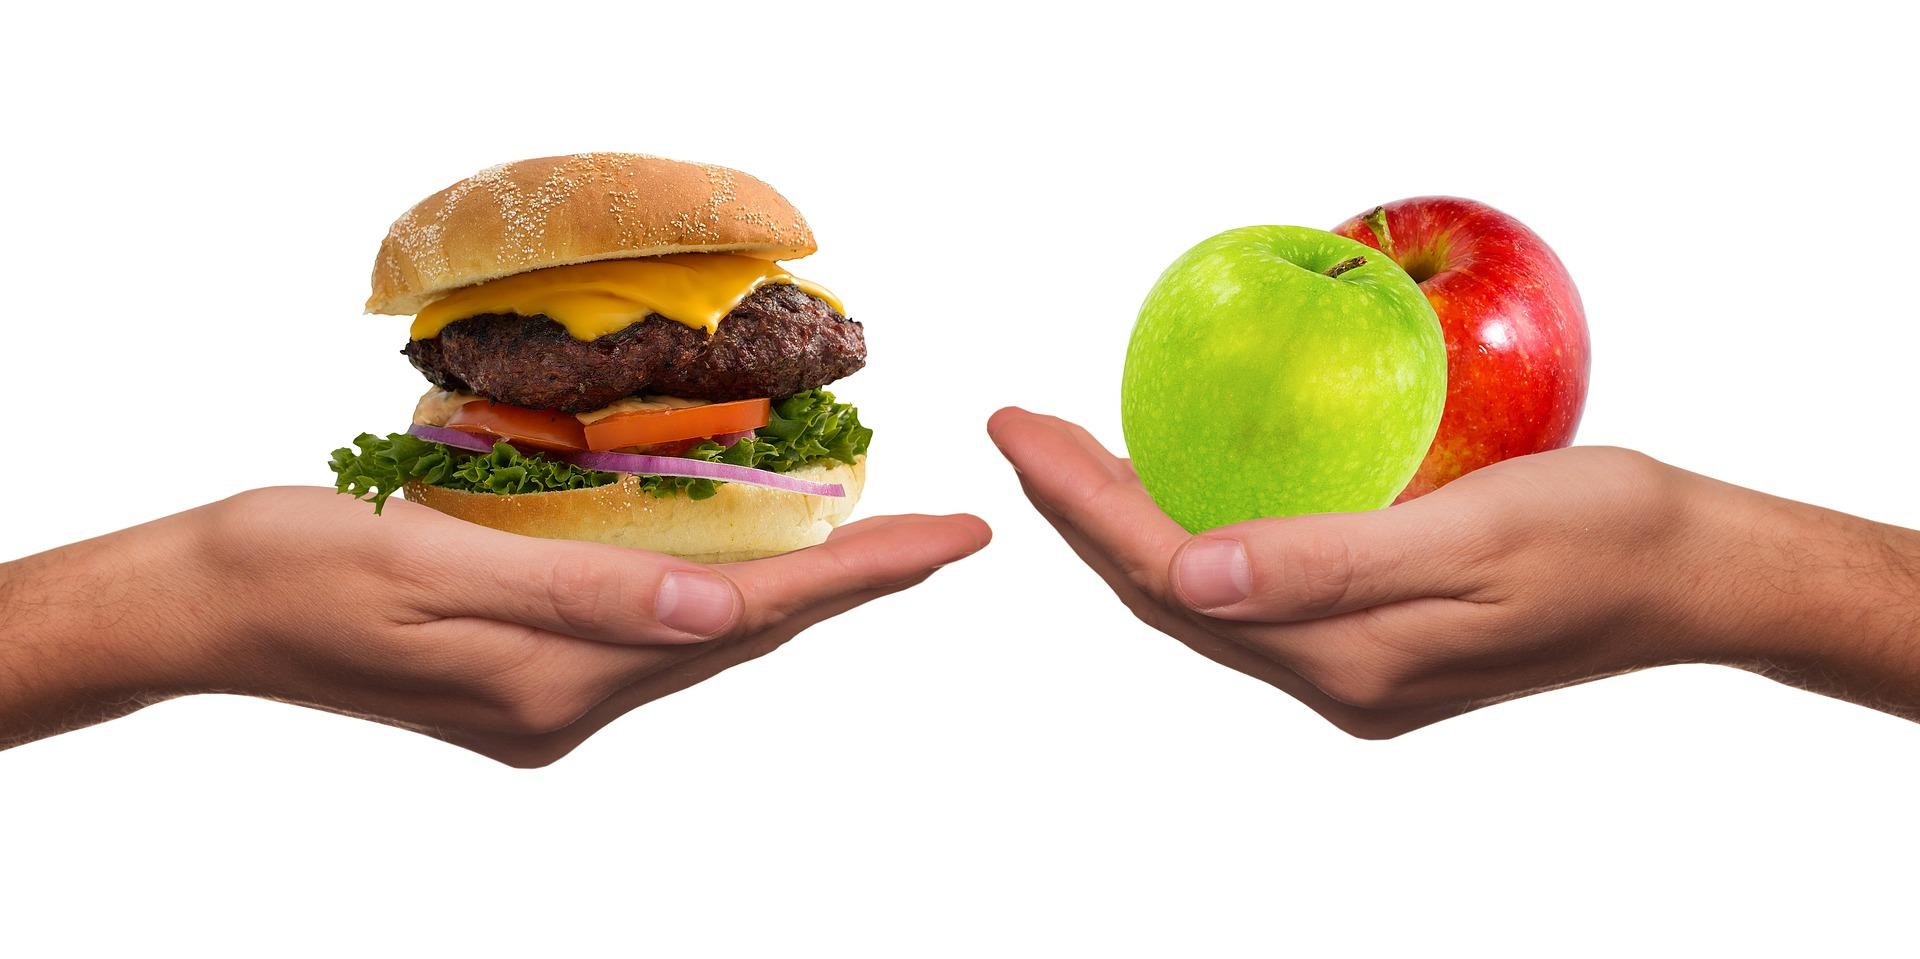 Apfel-vs-Burger